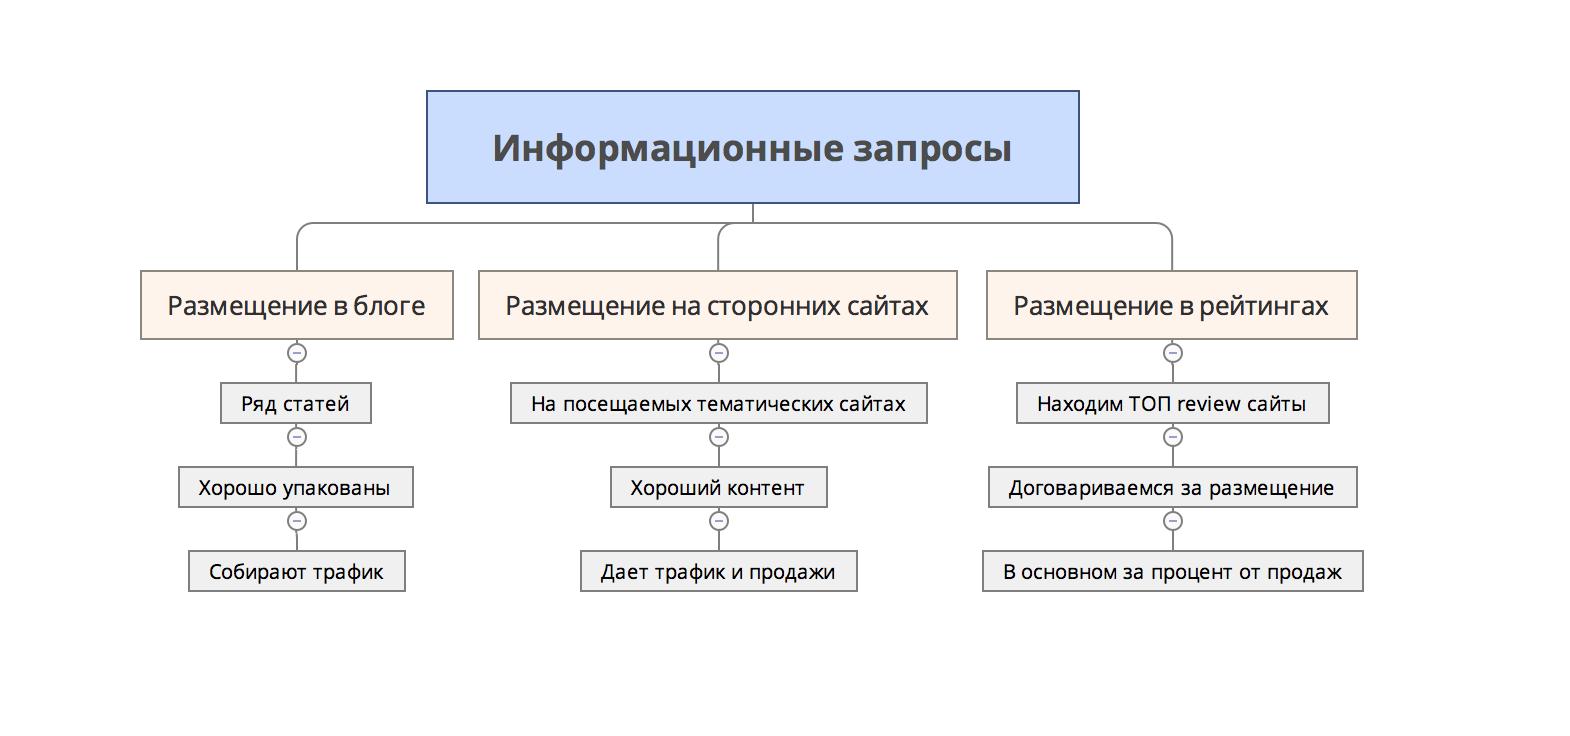 Информационные запросы для монобрендового сайта